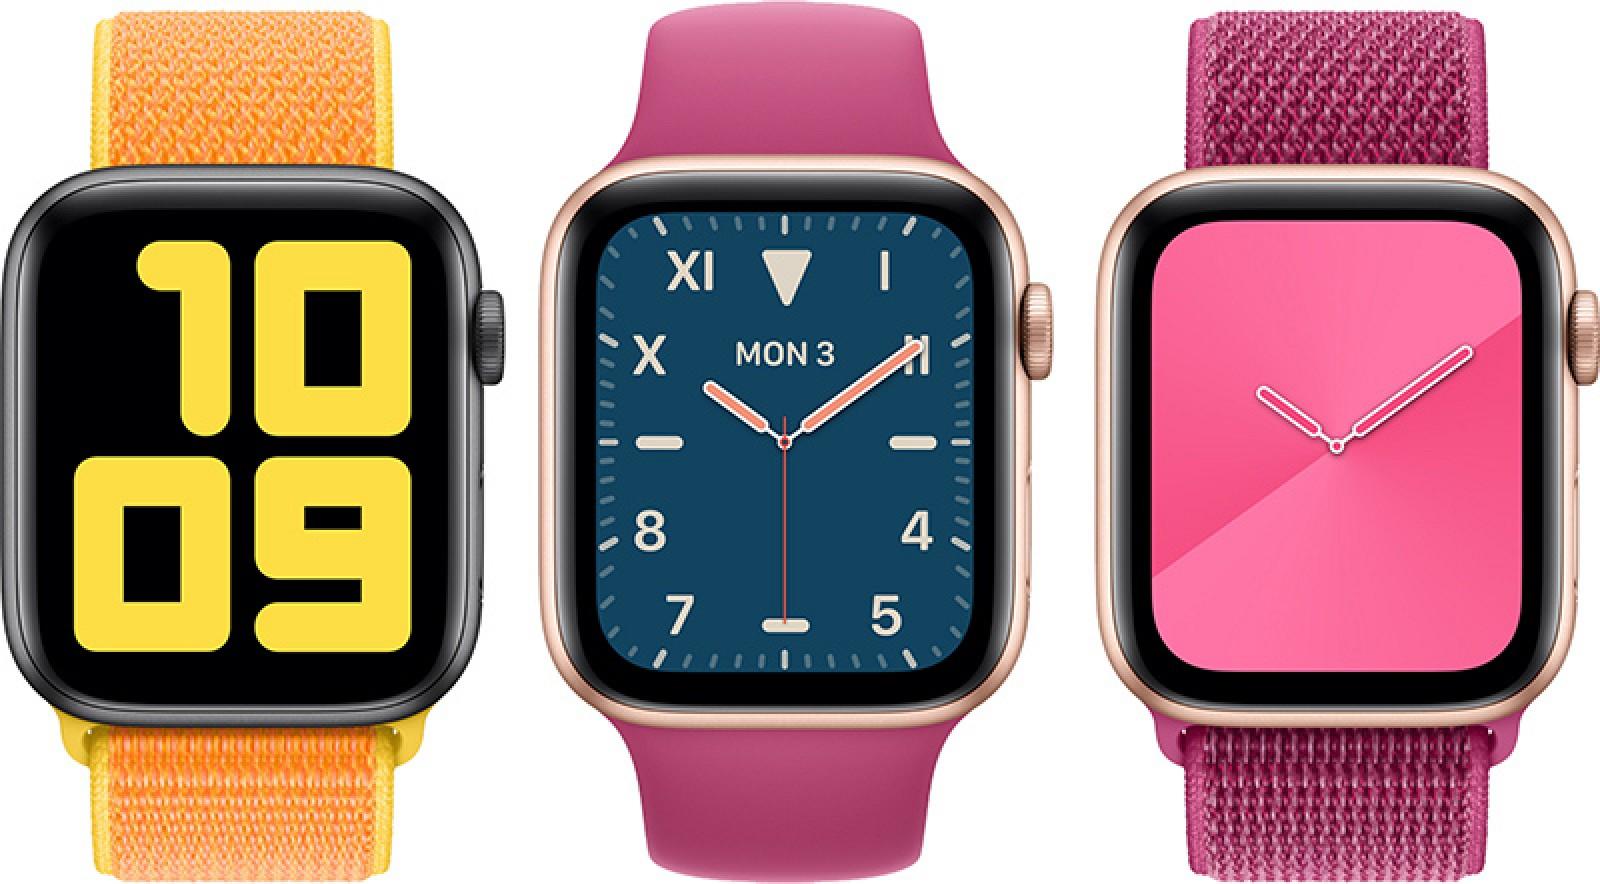 Apple lanza watchOS 6.0.1 con correcciones de errores